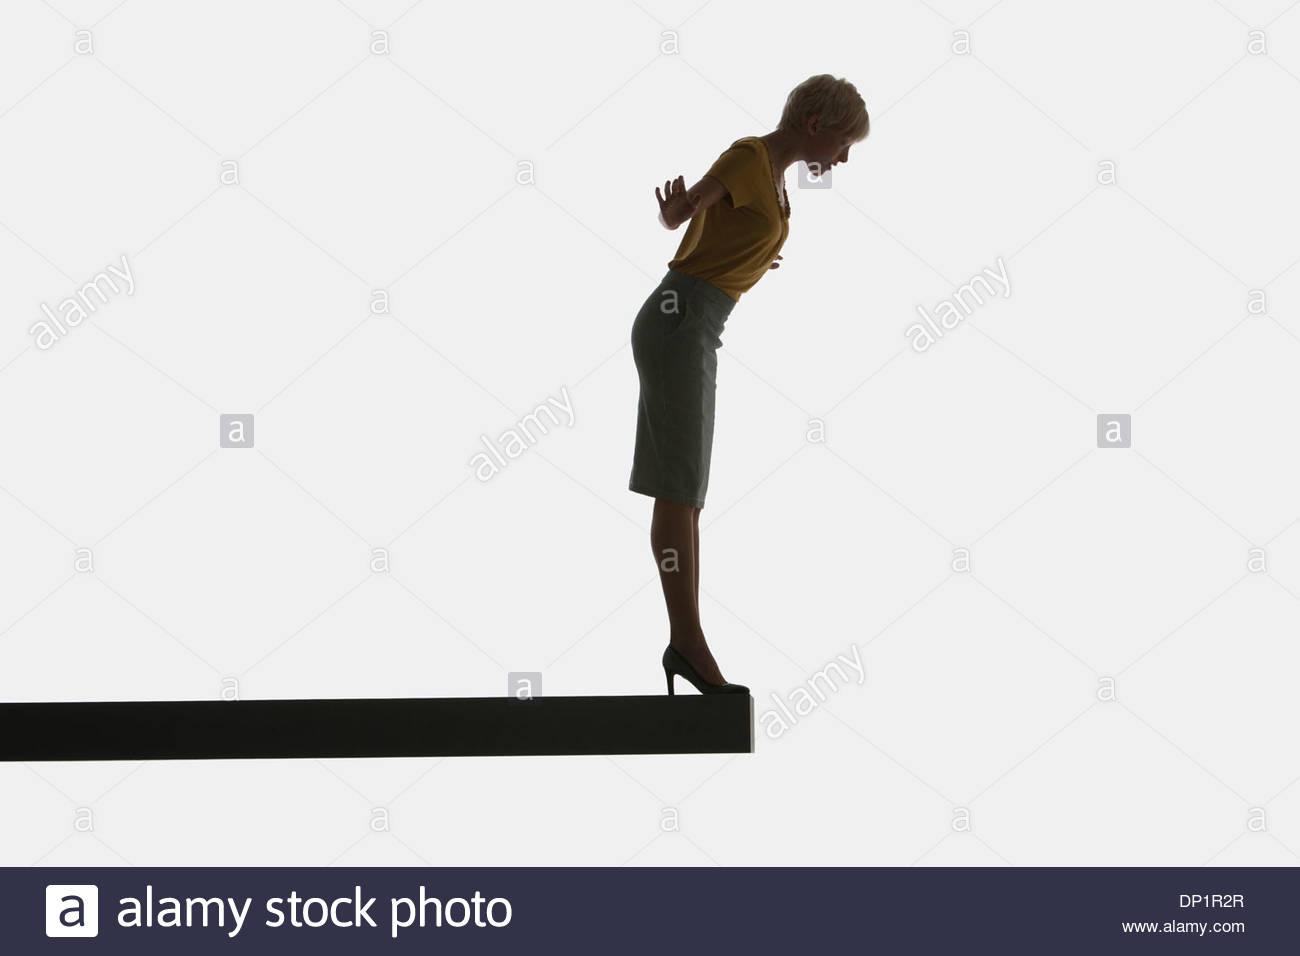 Frau stehend auf einem Brett Stockbild